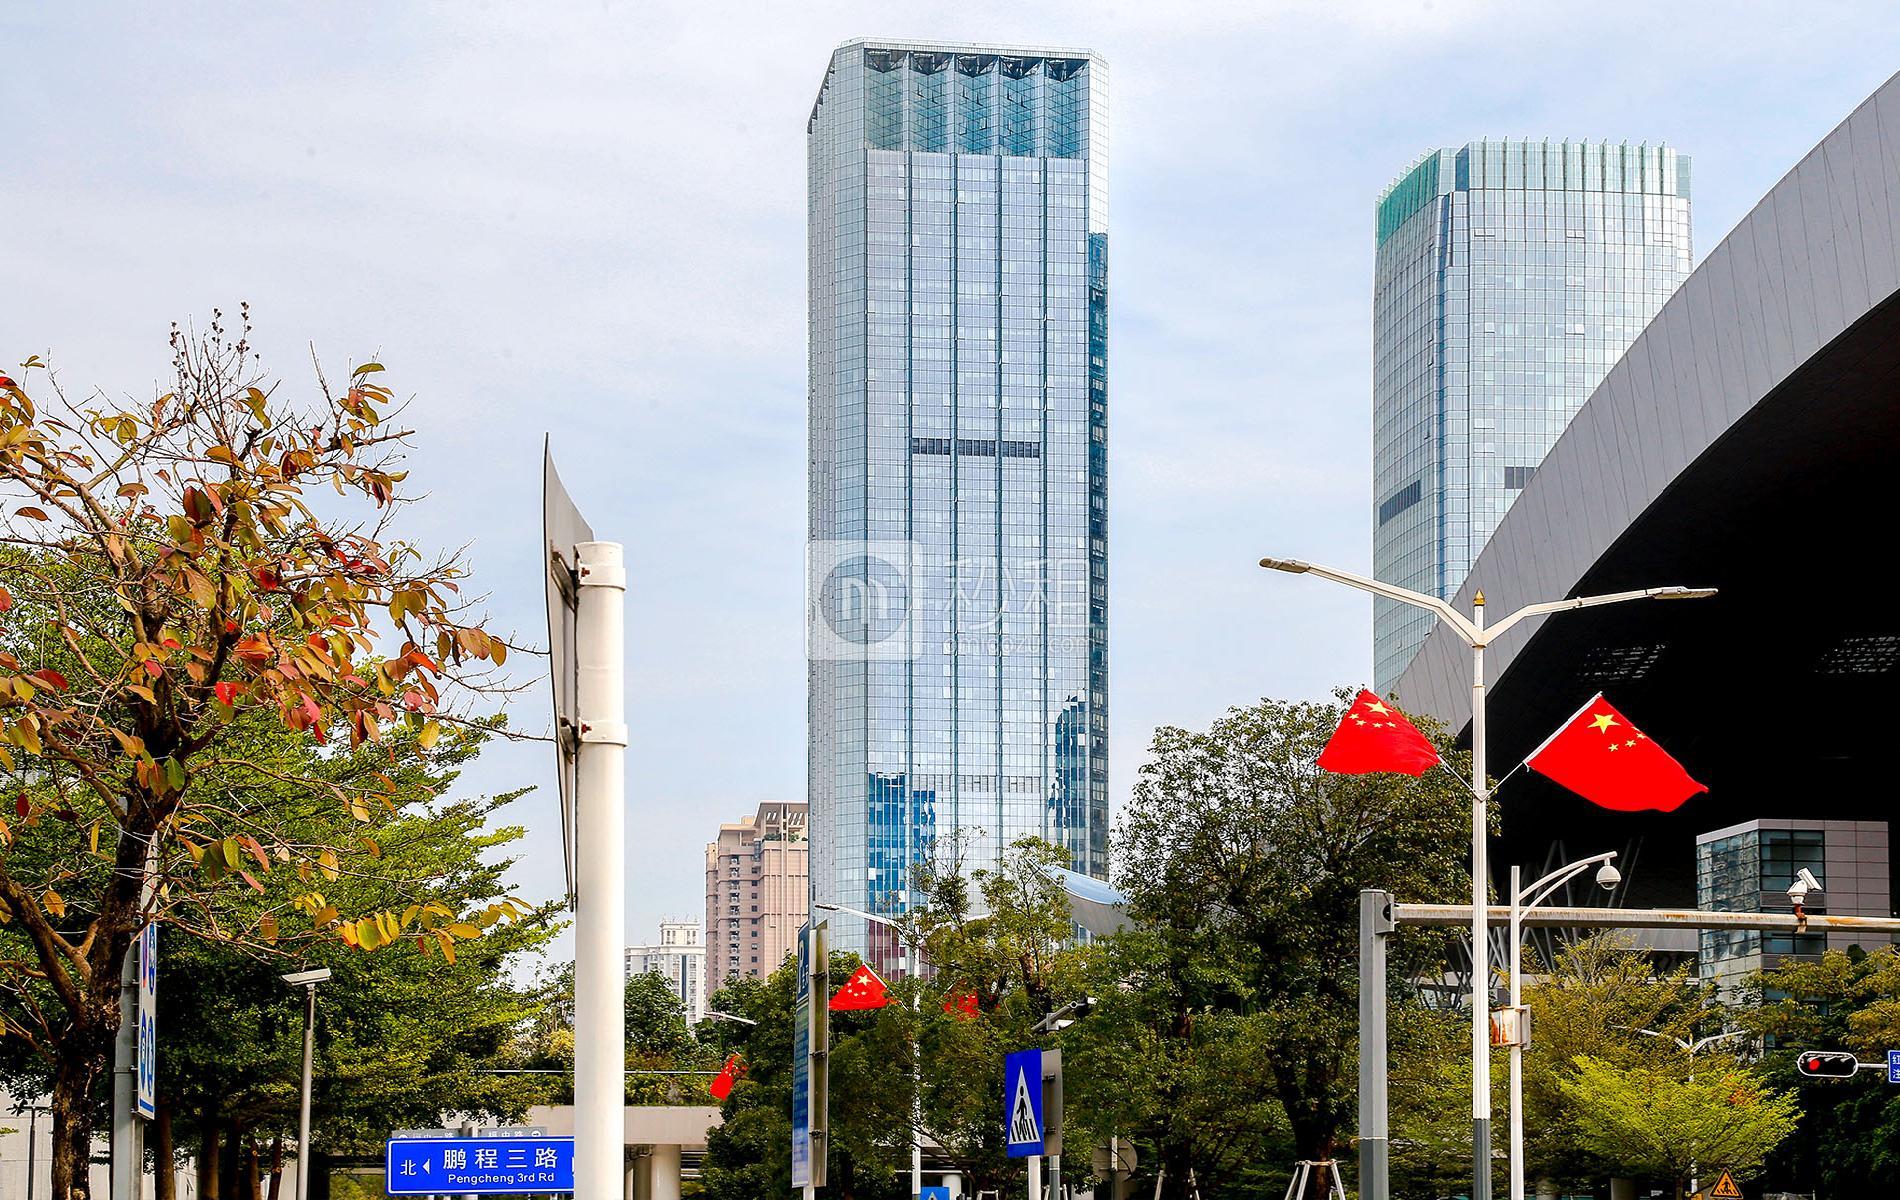 荣超经贸中心写字楼出租/招租/租赁,荣超经贸中心办公室出租/招租/租赁